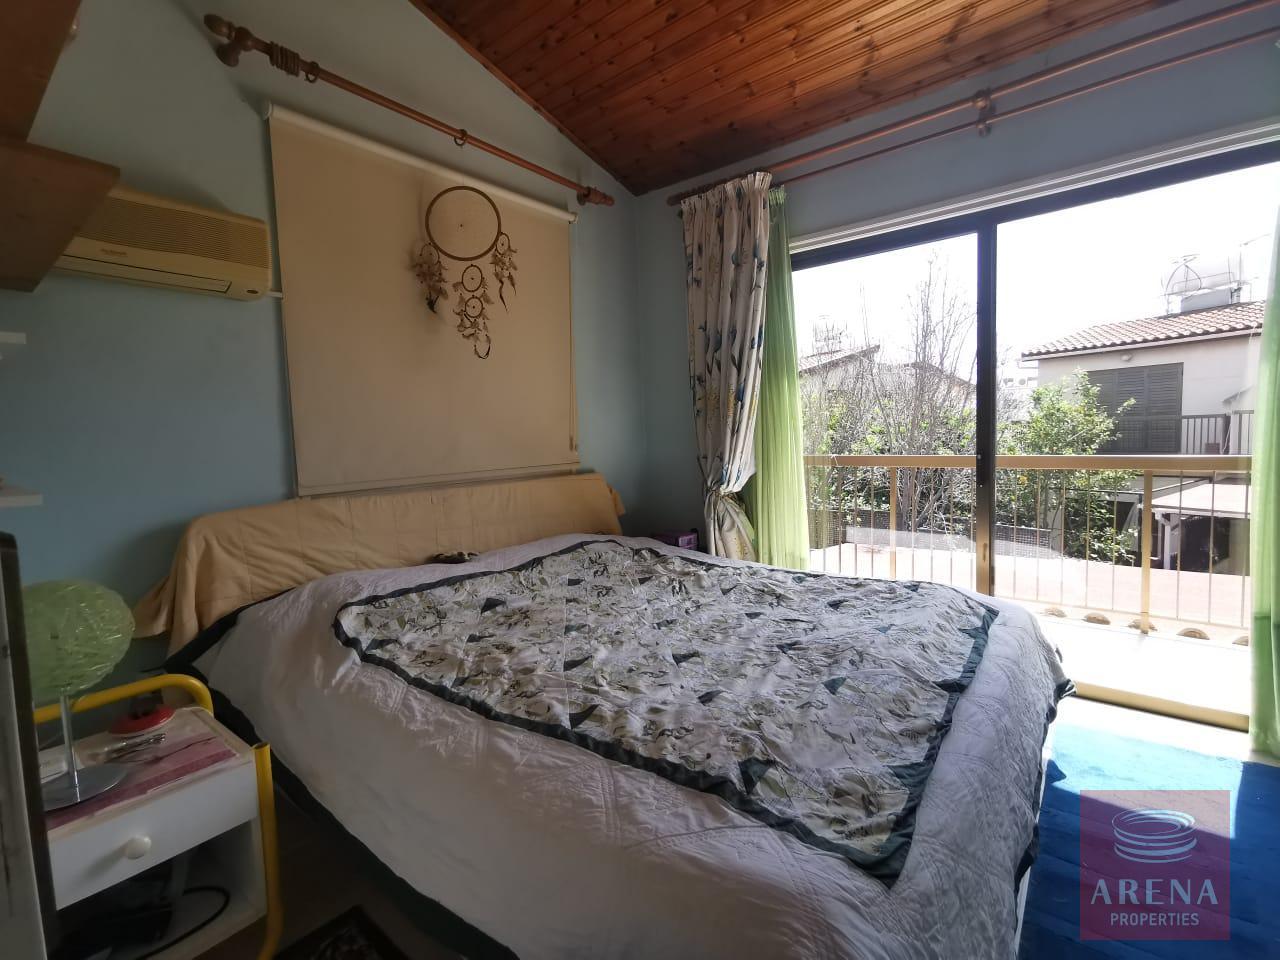 Townhouse in Meneou - bedroom